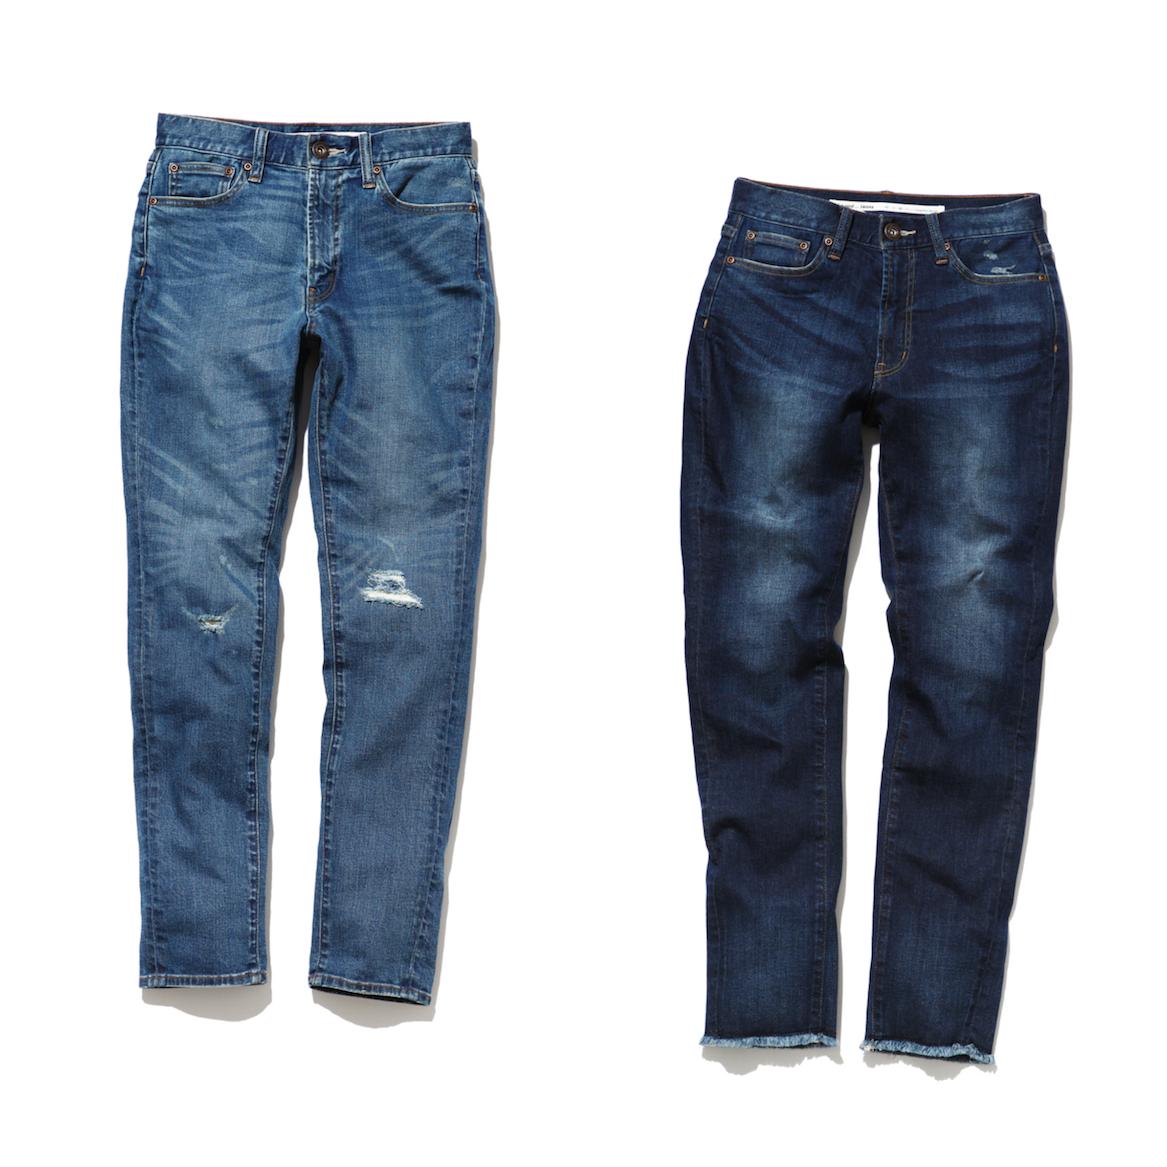 バギーVSガールフレンド! 『niko and ... Jeans』の新デニム、どちらを選ぶ!?_2